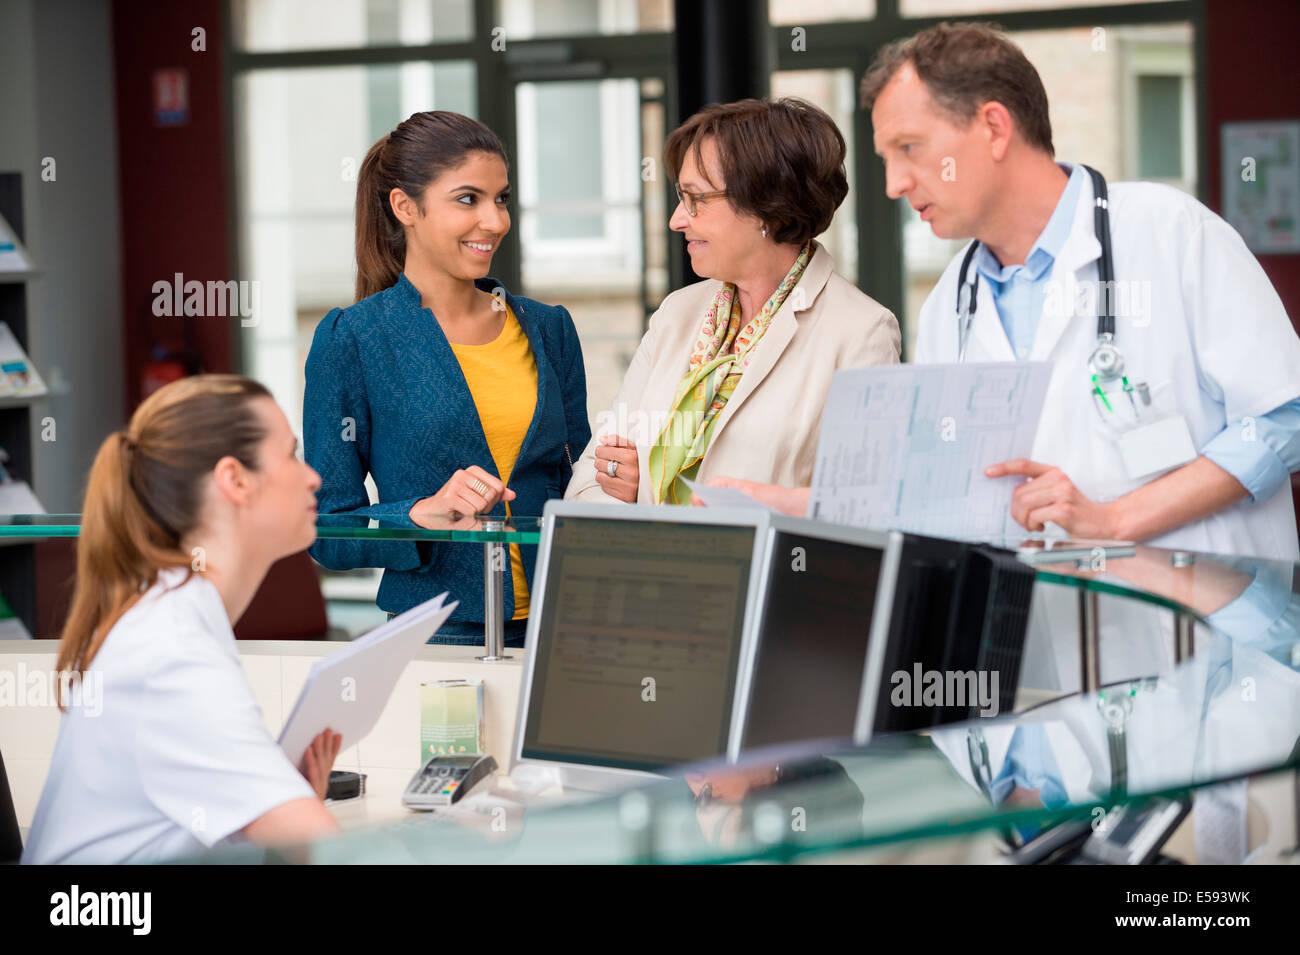 Médecin homme discutant avec réceptionniste au bureau de réception